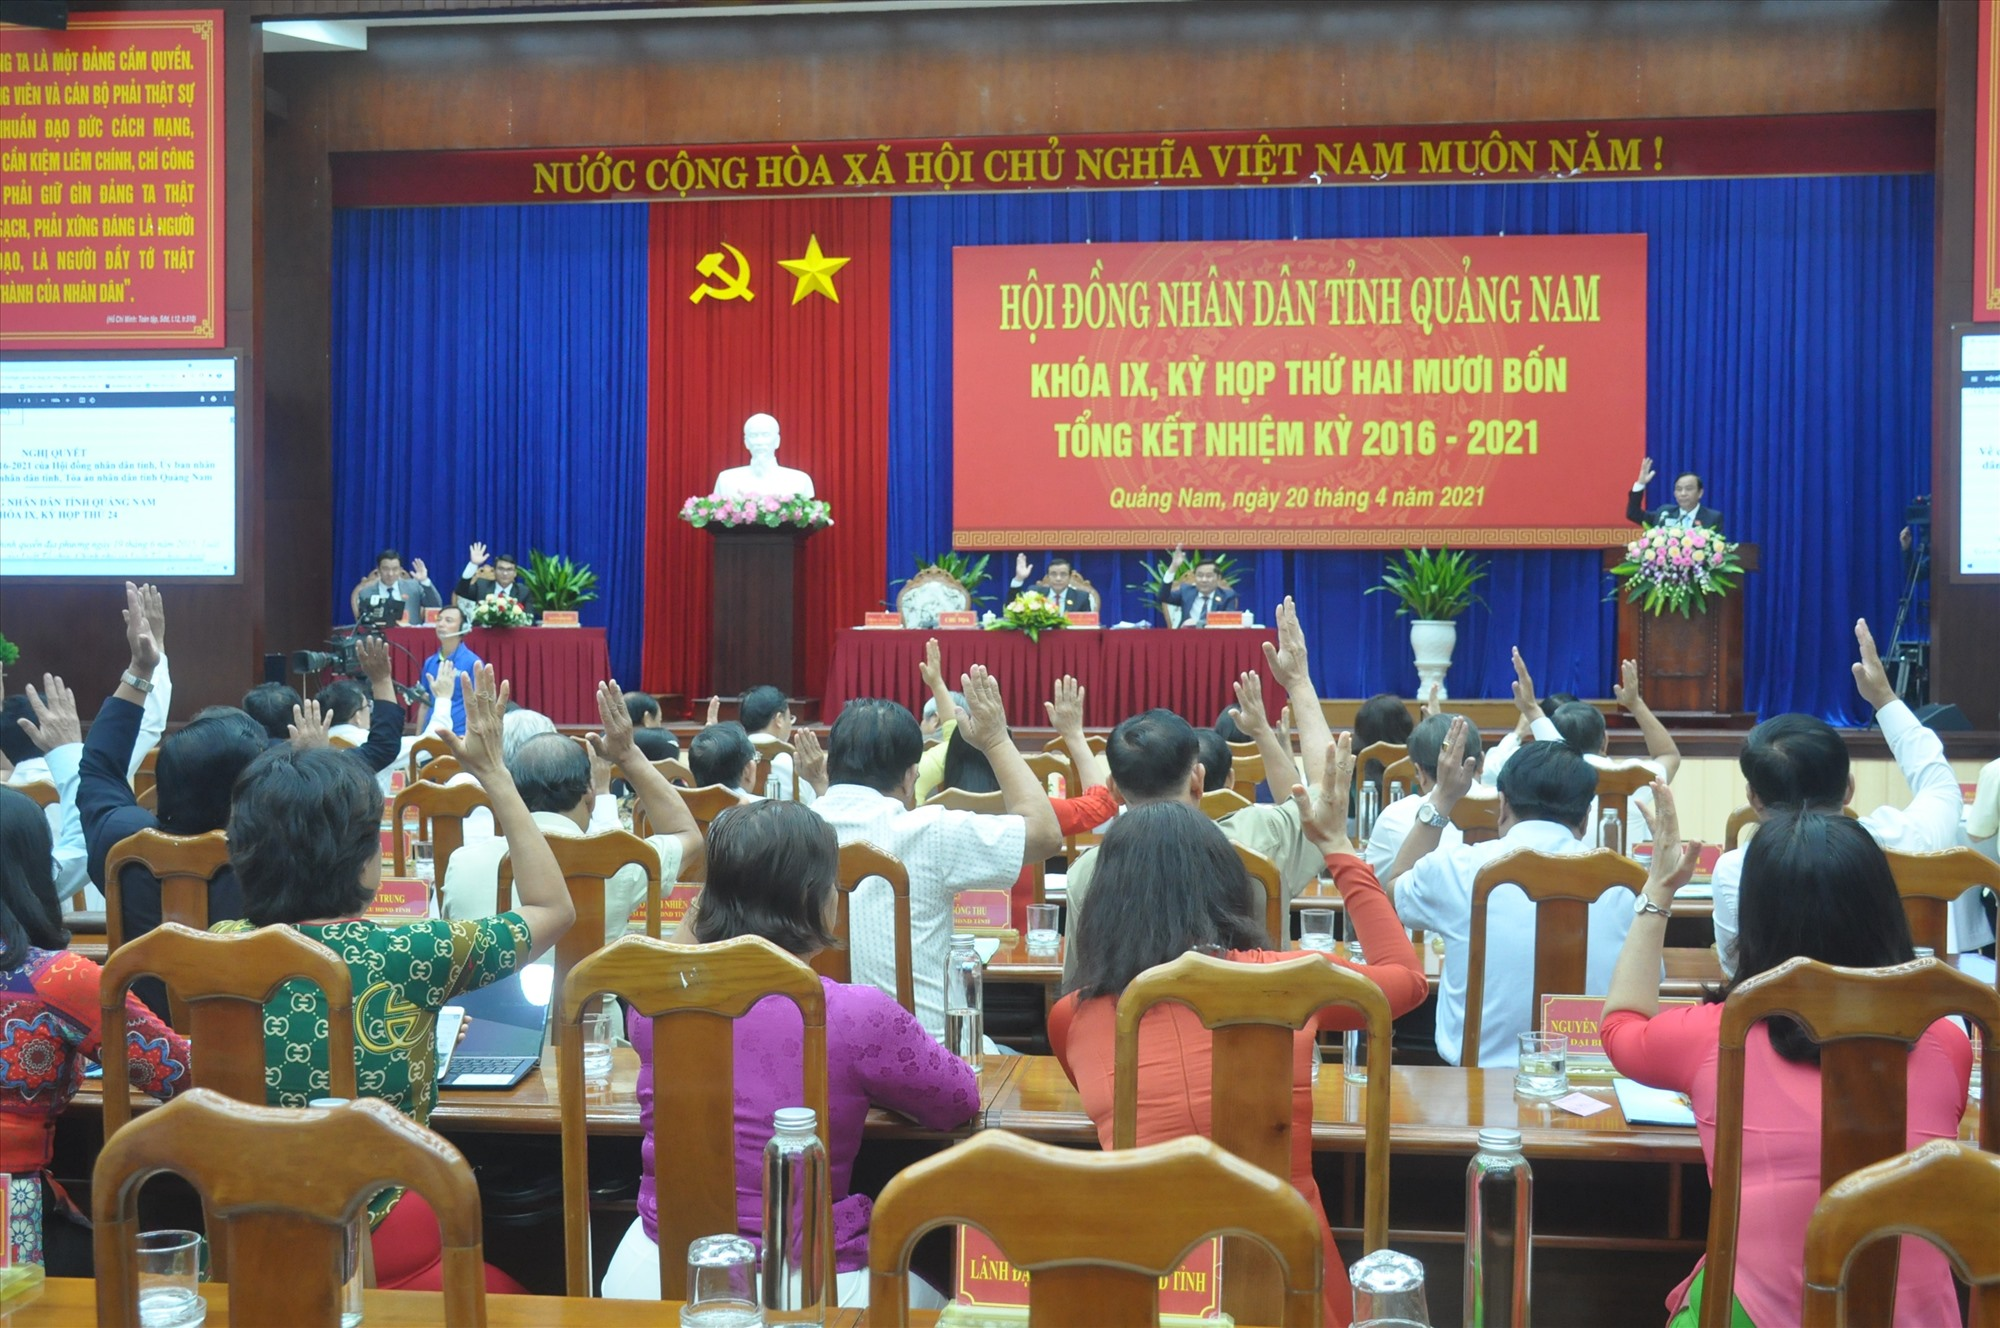 Đại biểu HĐND tỉnh biểu quyết ban hành nghị quyết về công tác nhiệm kỳ 2016 - 2021. Ảnh: N.Đ